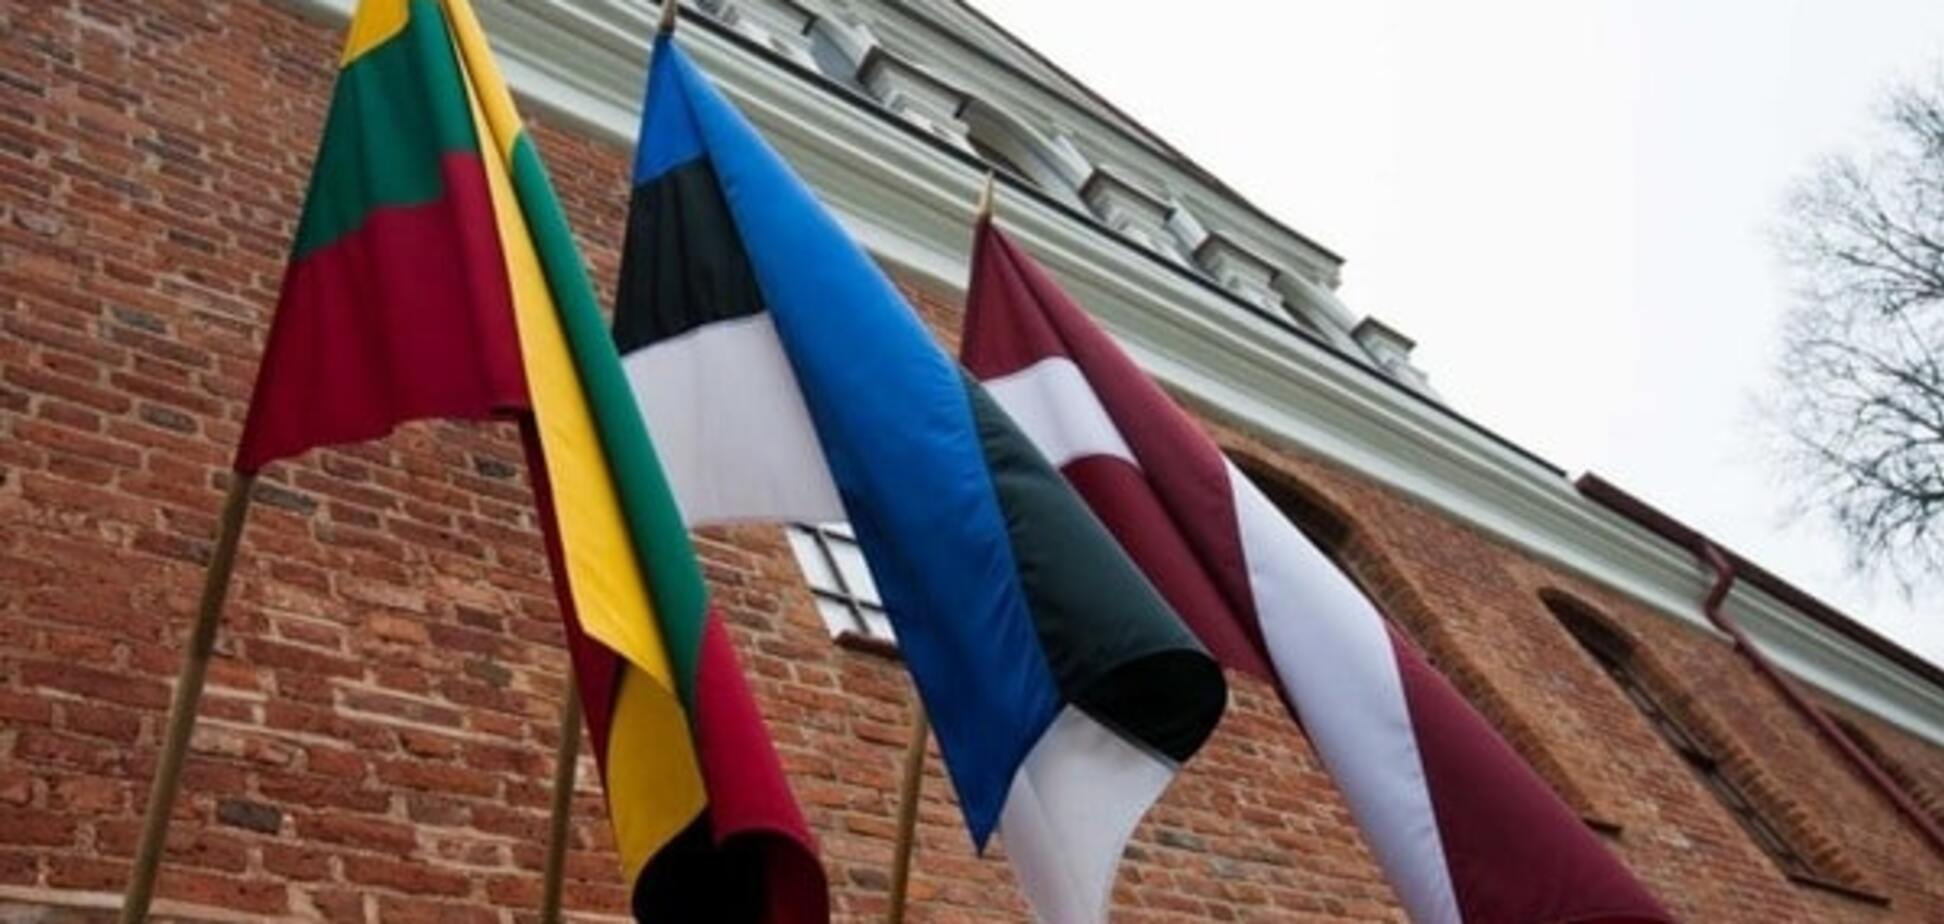 Солдаты 'информационной' войны в странах Балтии